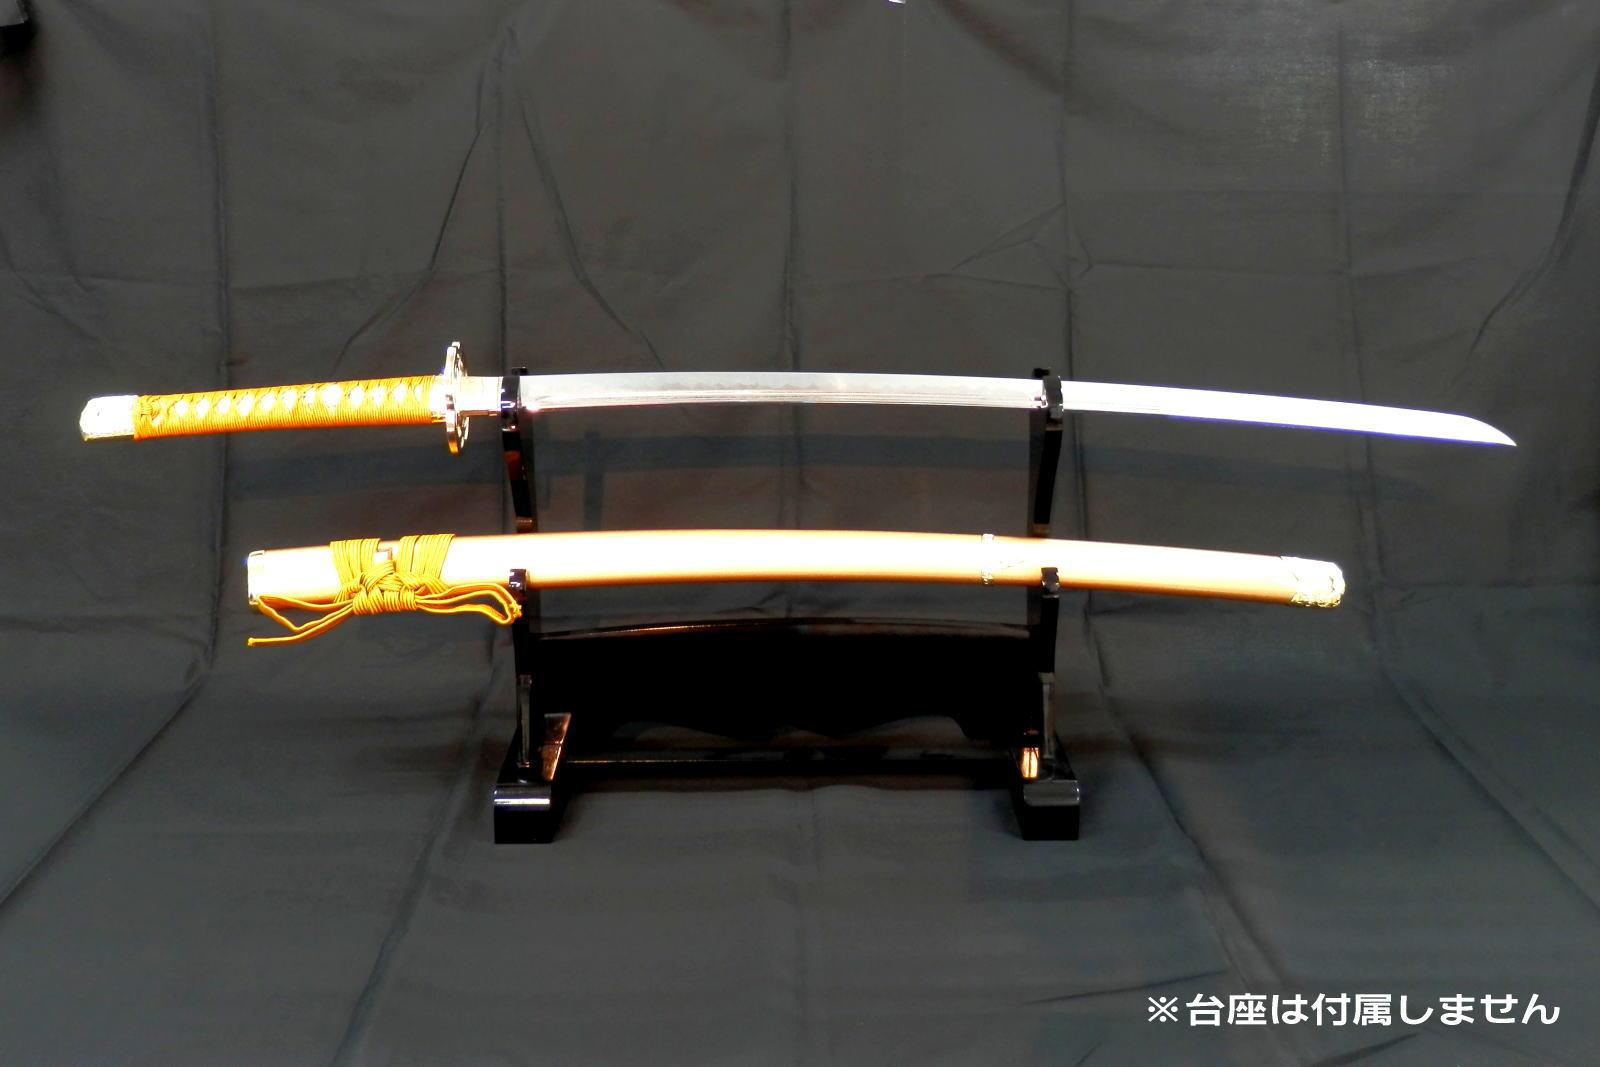 【即納】匠刀房 NEU-143 刀匠シリーズ 蜂須賀虎徹 模造刀 美術刀 日本刀